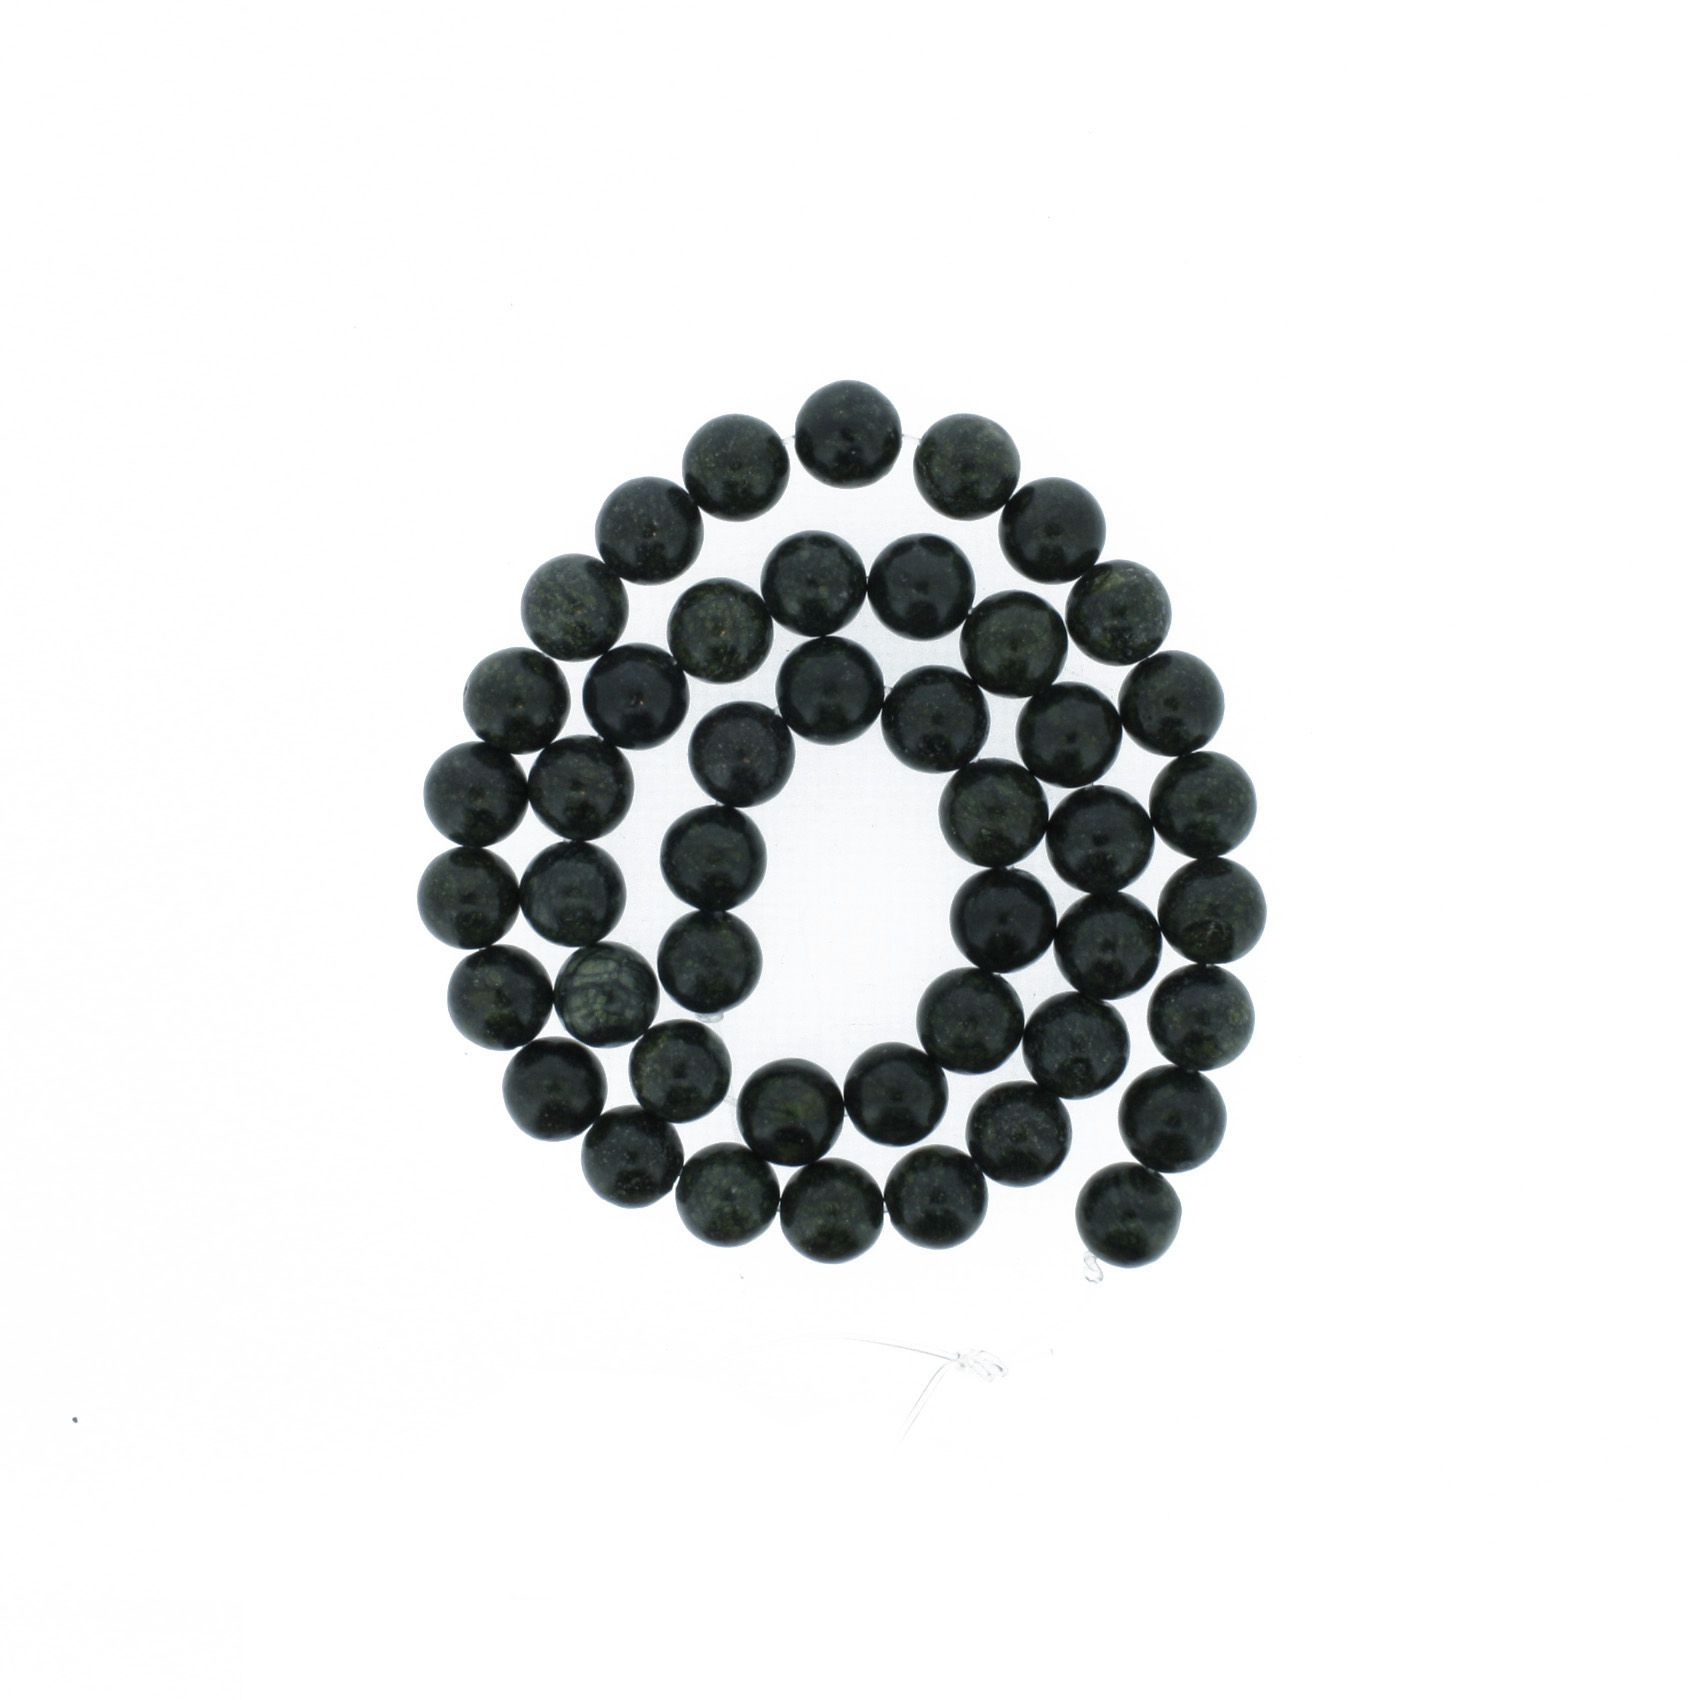 Fio de Pedra - Jaspe Cobra - 8mm  - Stéphanie Bijoux® - Peças para Bijuterias e Artesanato